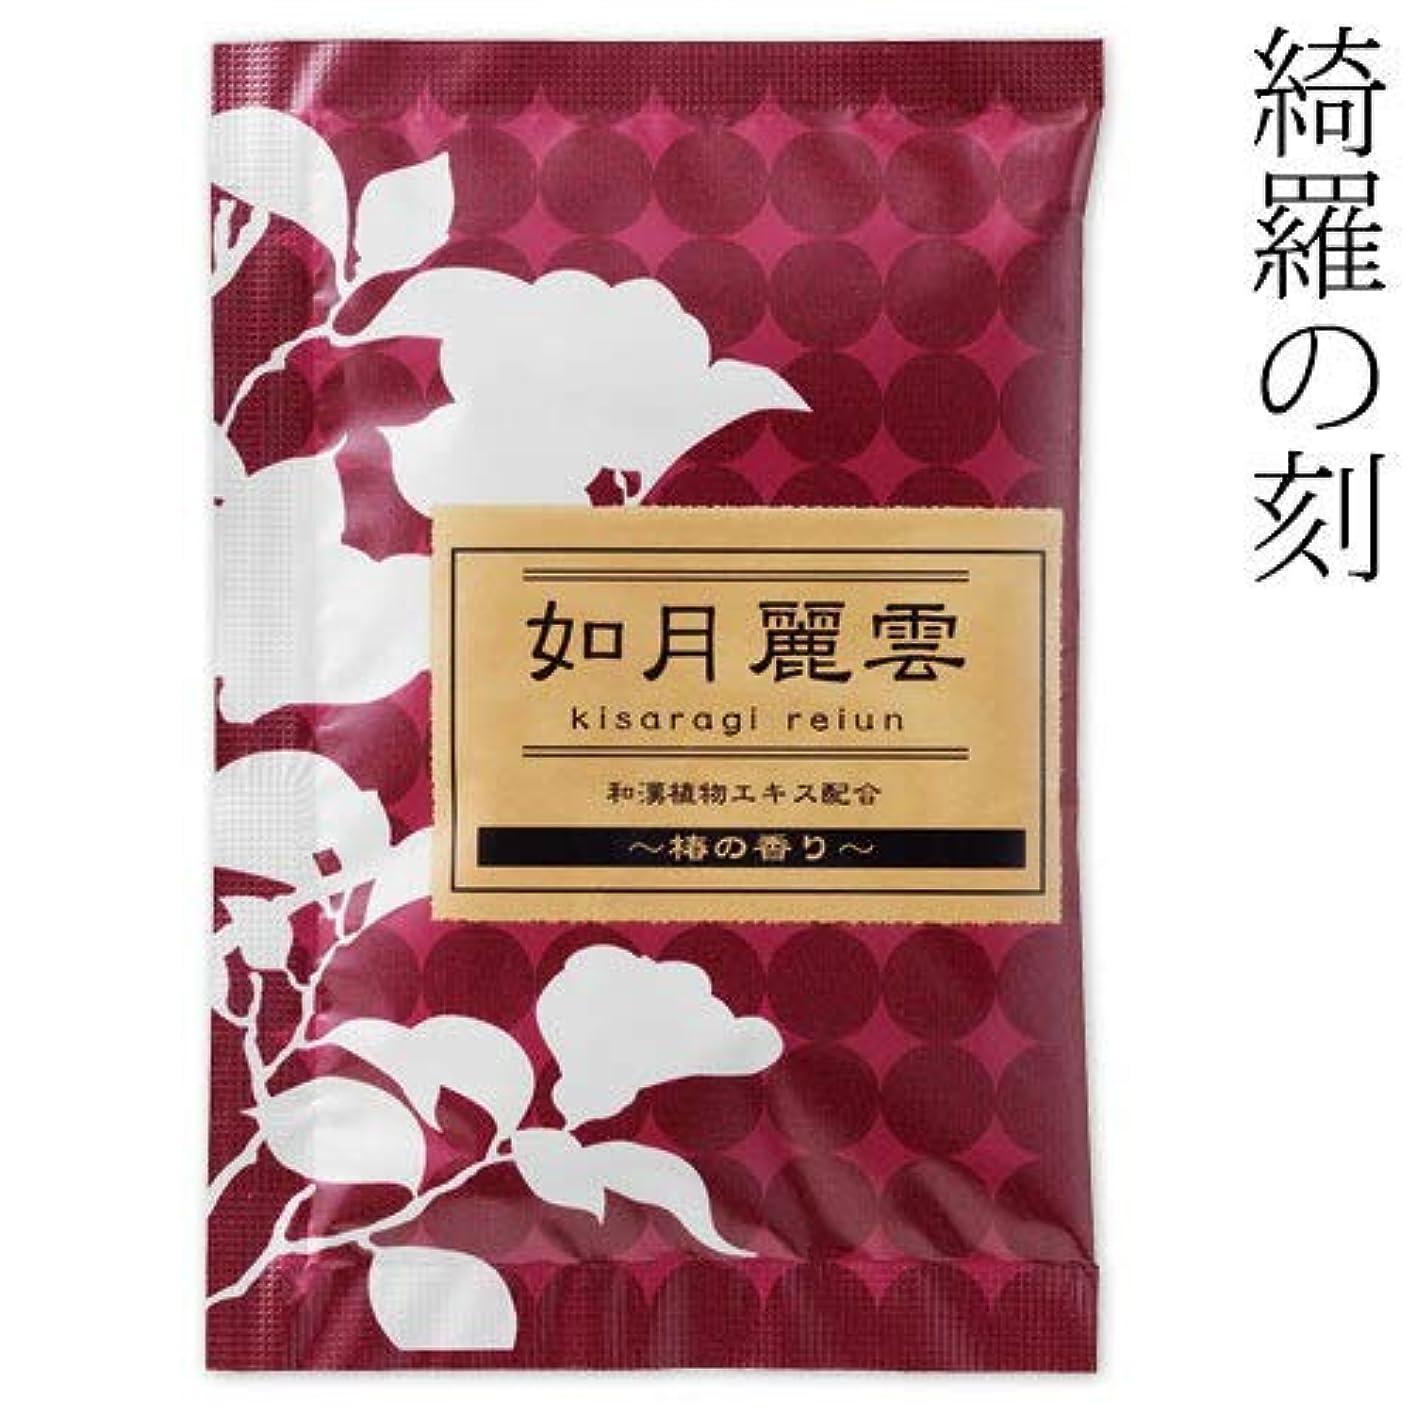 レイアウトマウスグラフィック入浴剤綺羅の刻椿の香り如月麗雲1包石川県のお風呂グッズBath additive, Ishikawa craft